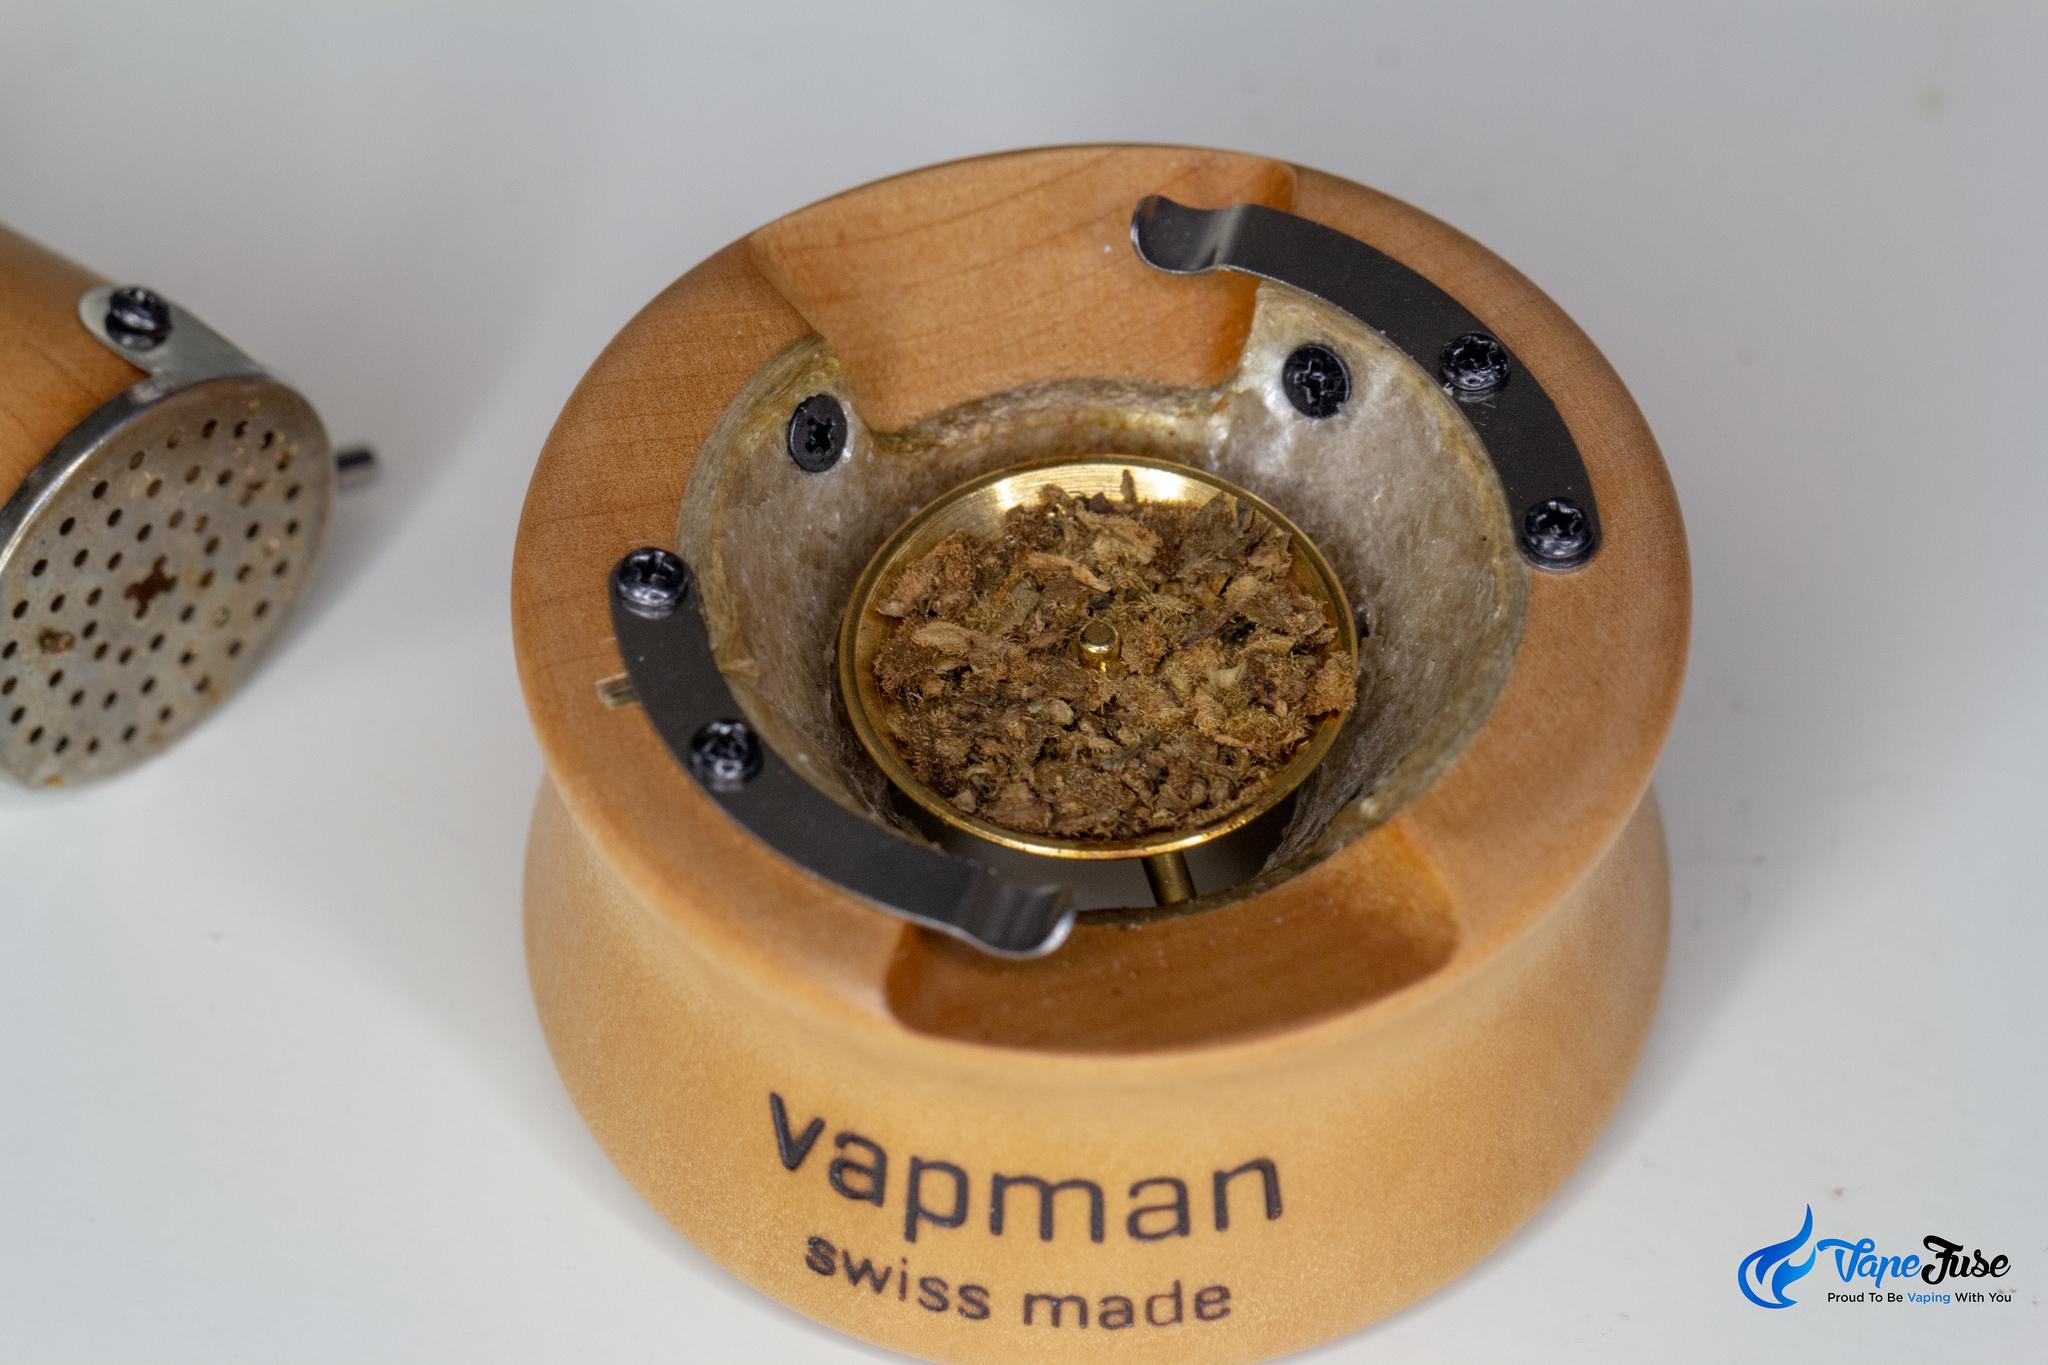 VapMan Vaporizer spent chamber